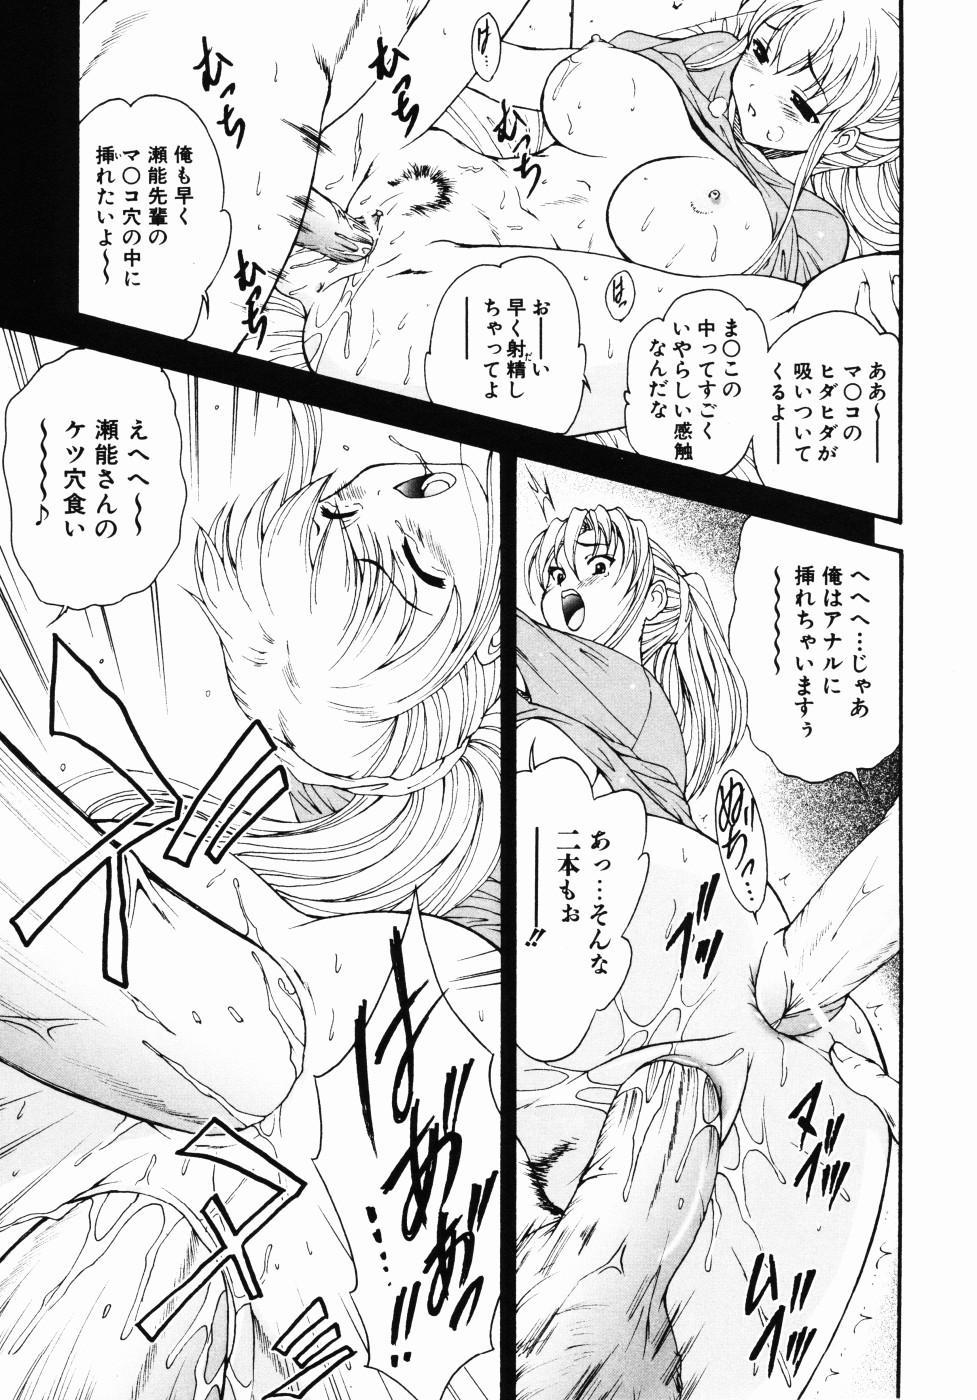 Daikyou Megami 141